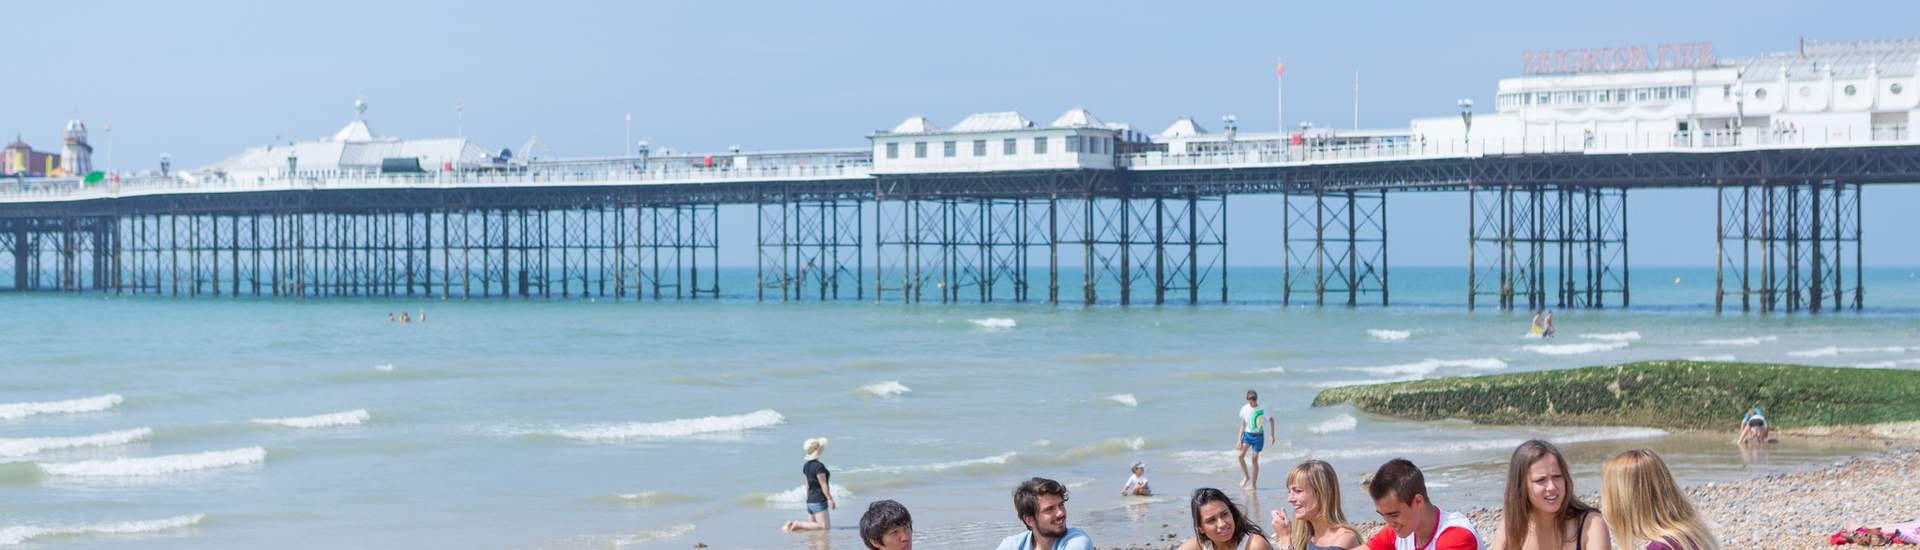 Englisch Schülersprachreise Brighton, England